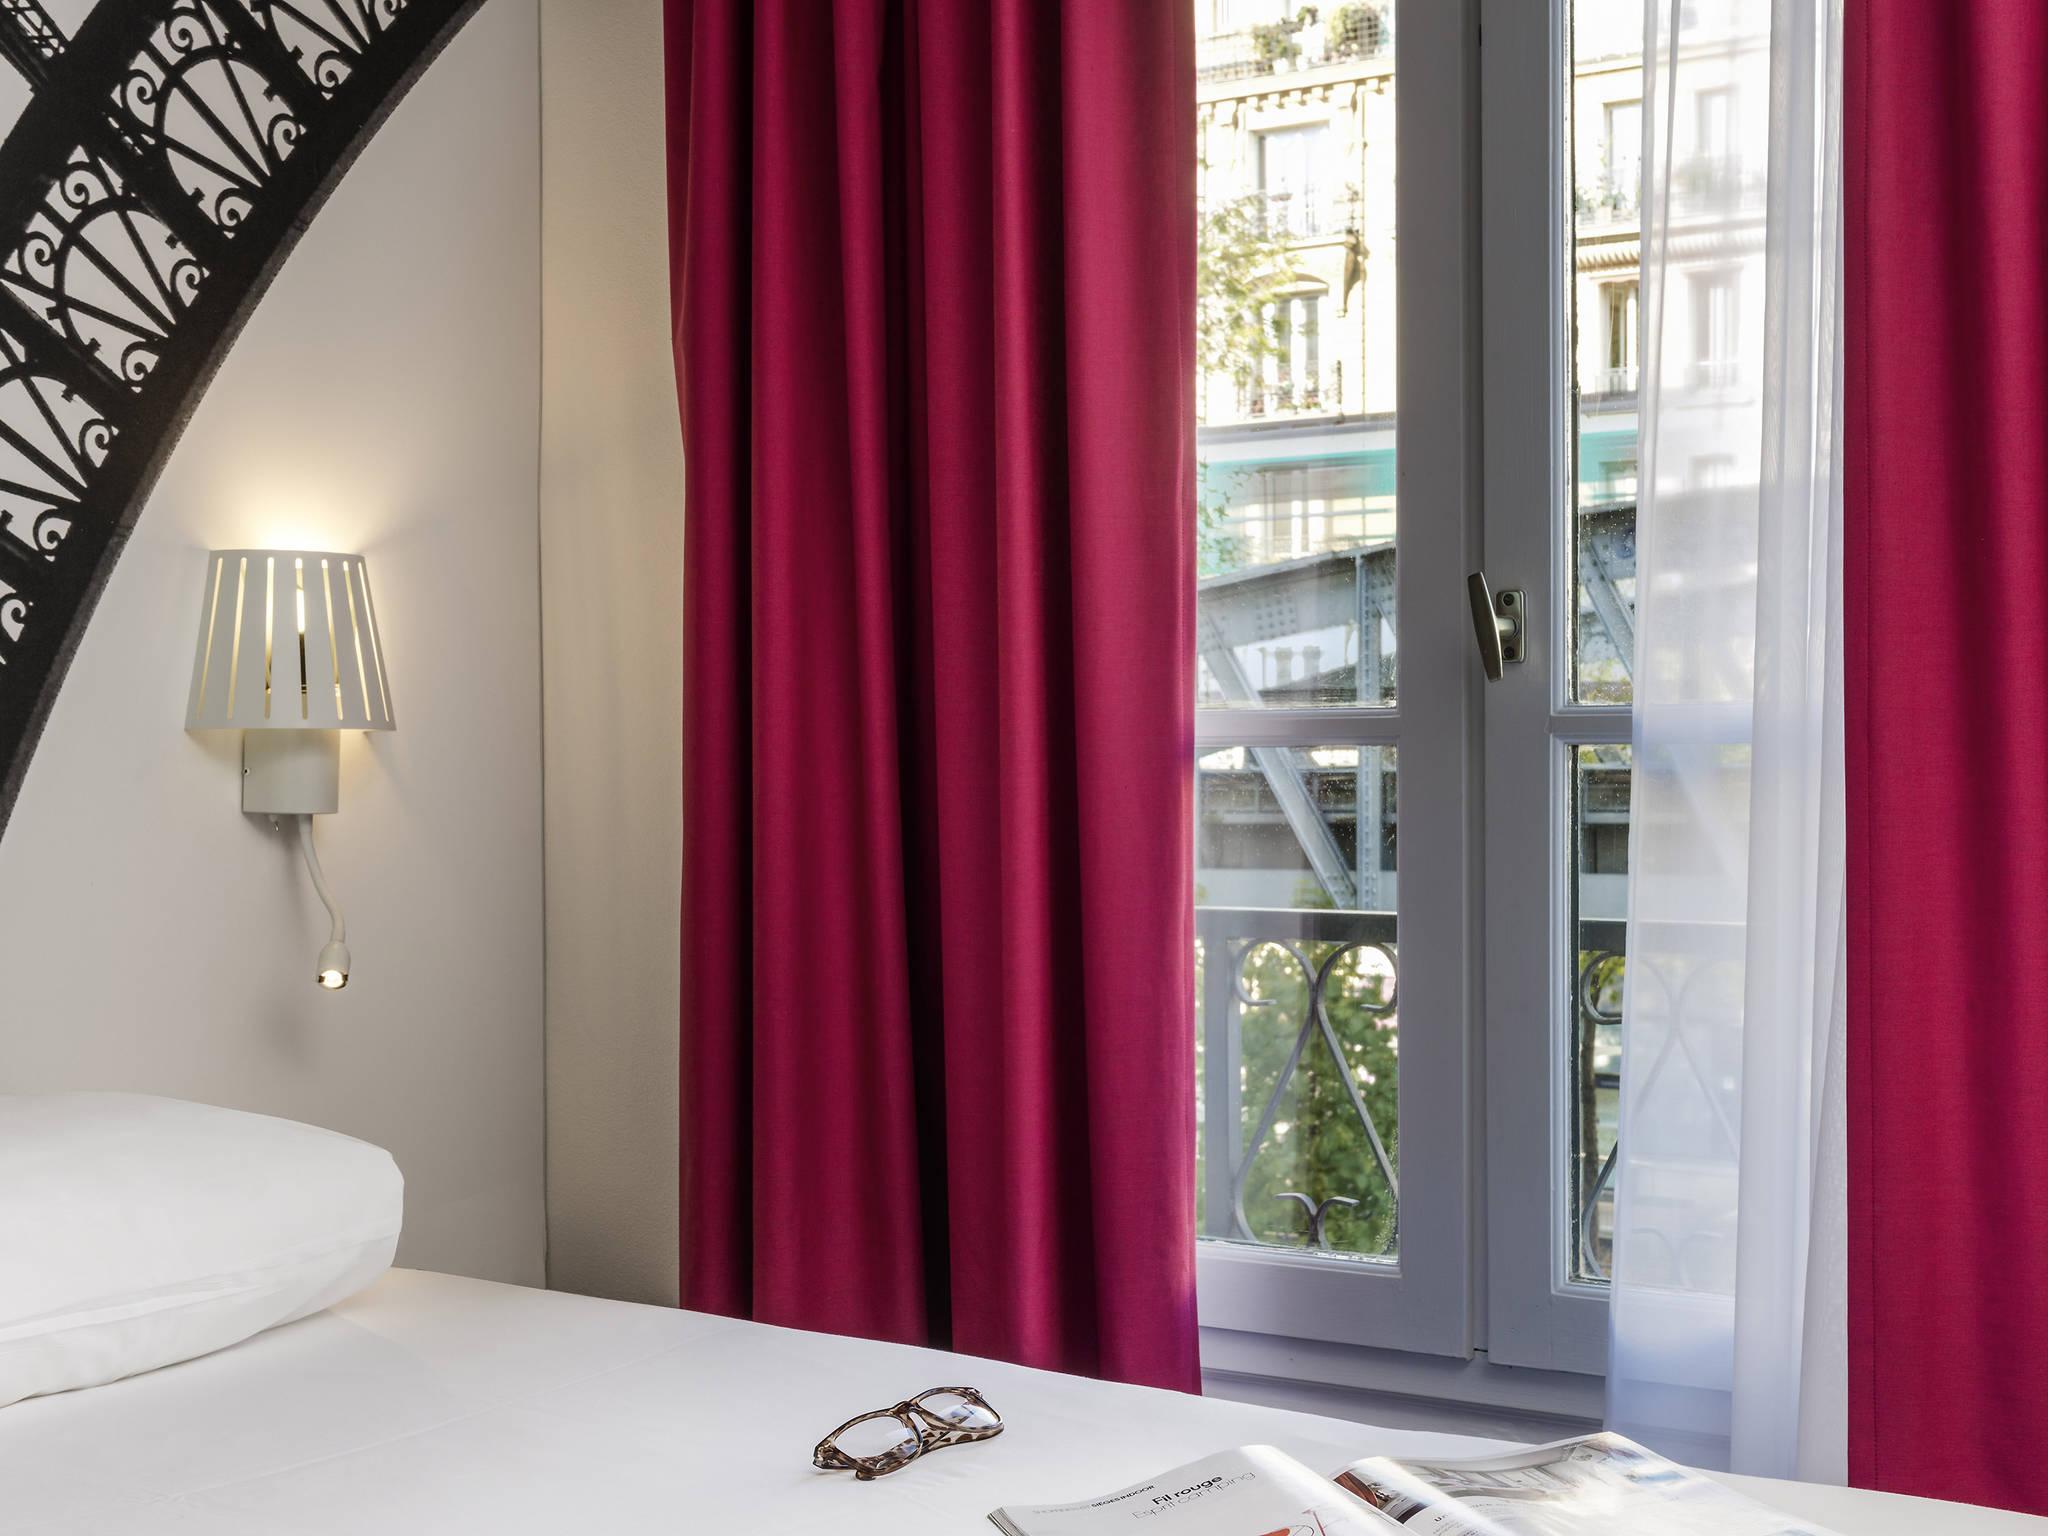 โรงแรม – ไอบิส สไตล์ ปารีส ไอเฟล กัมบรอน